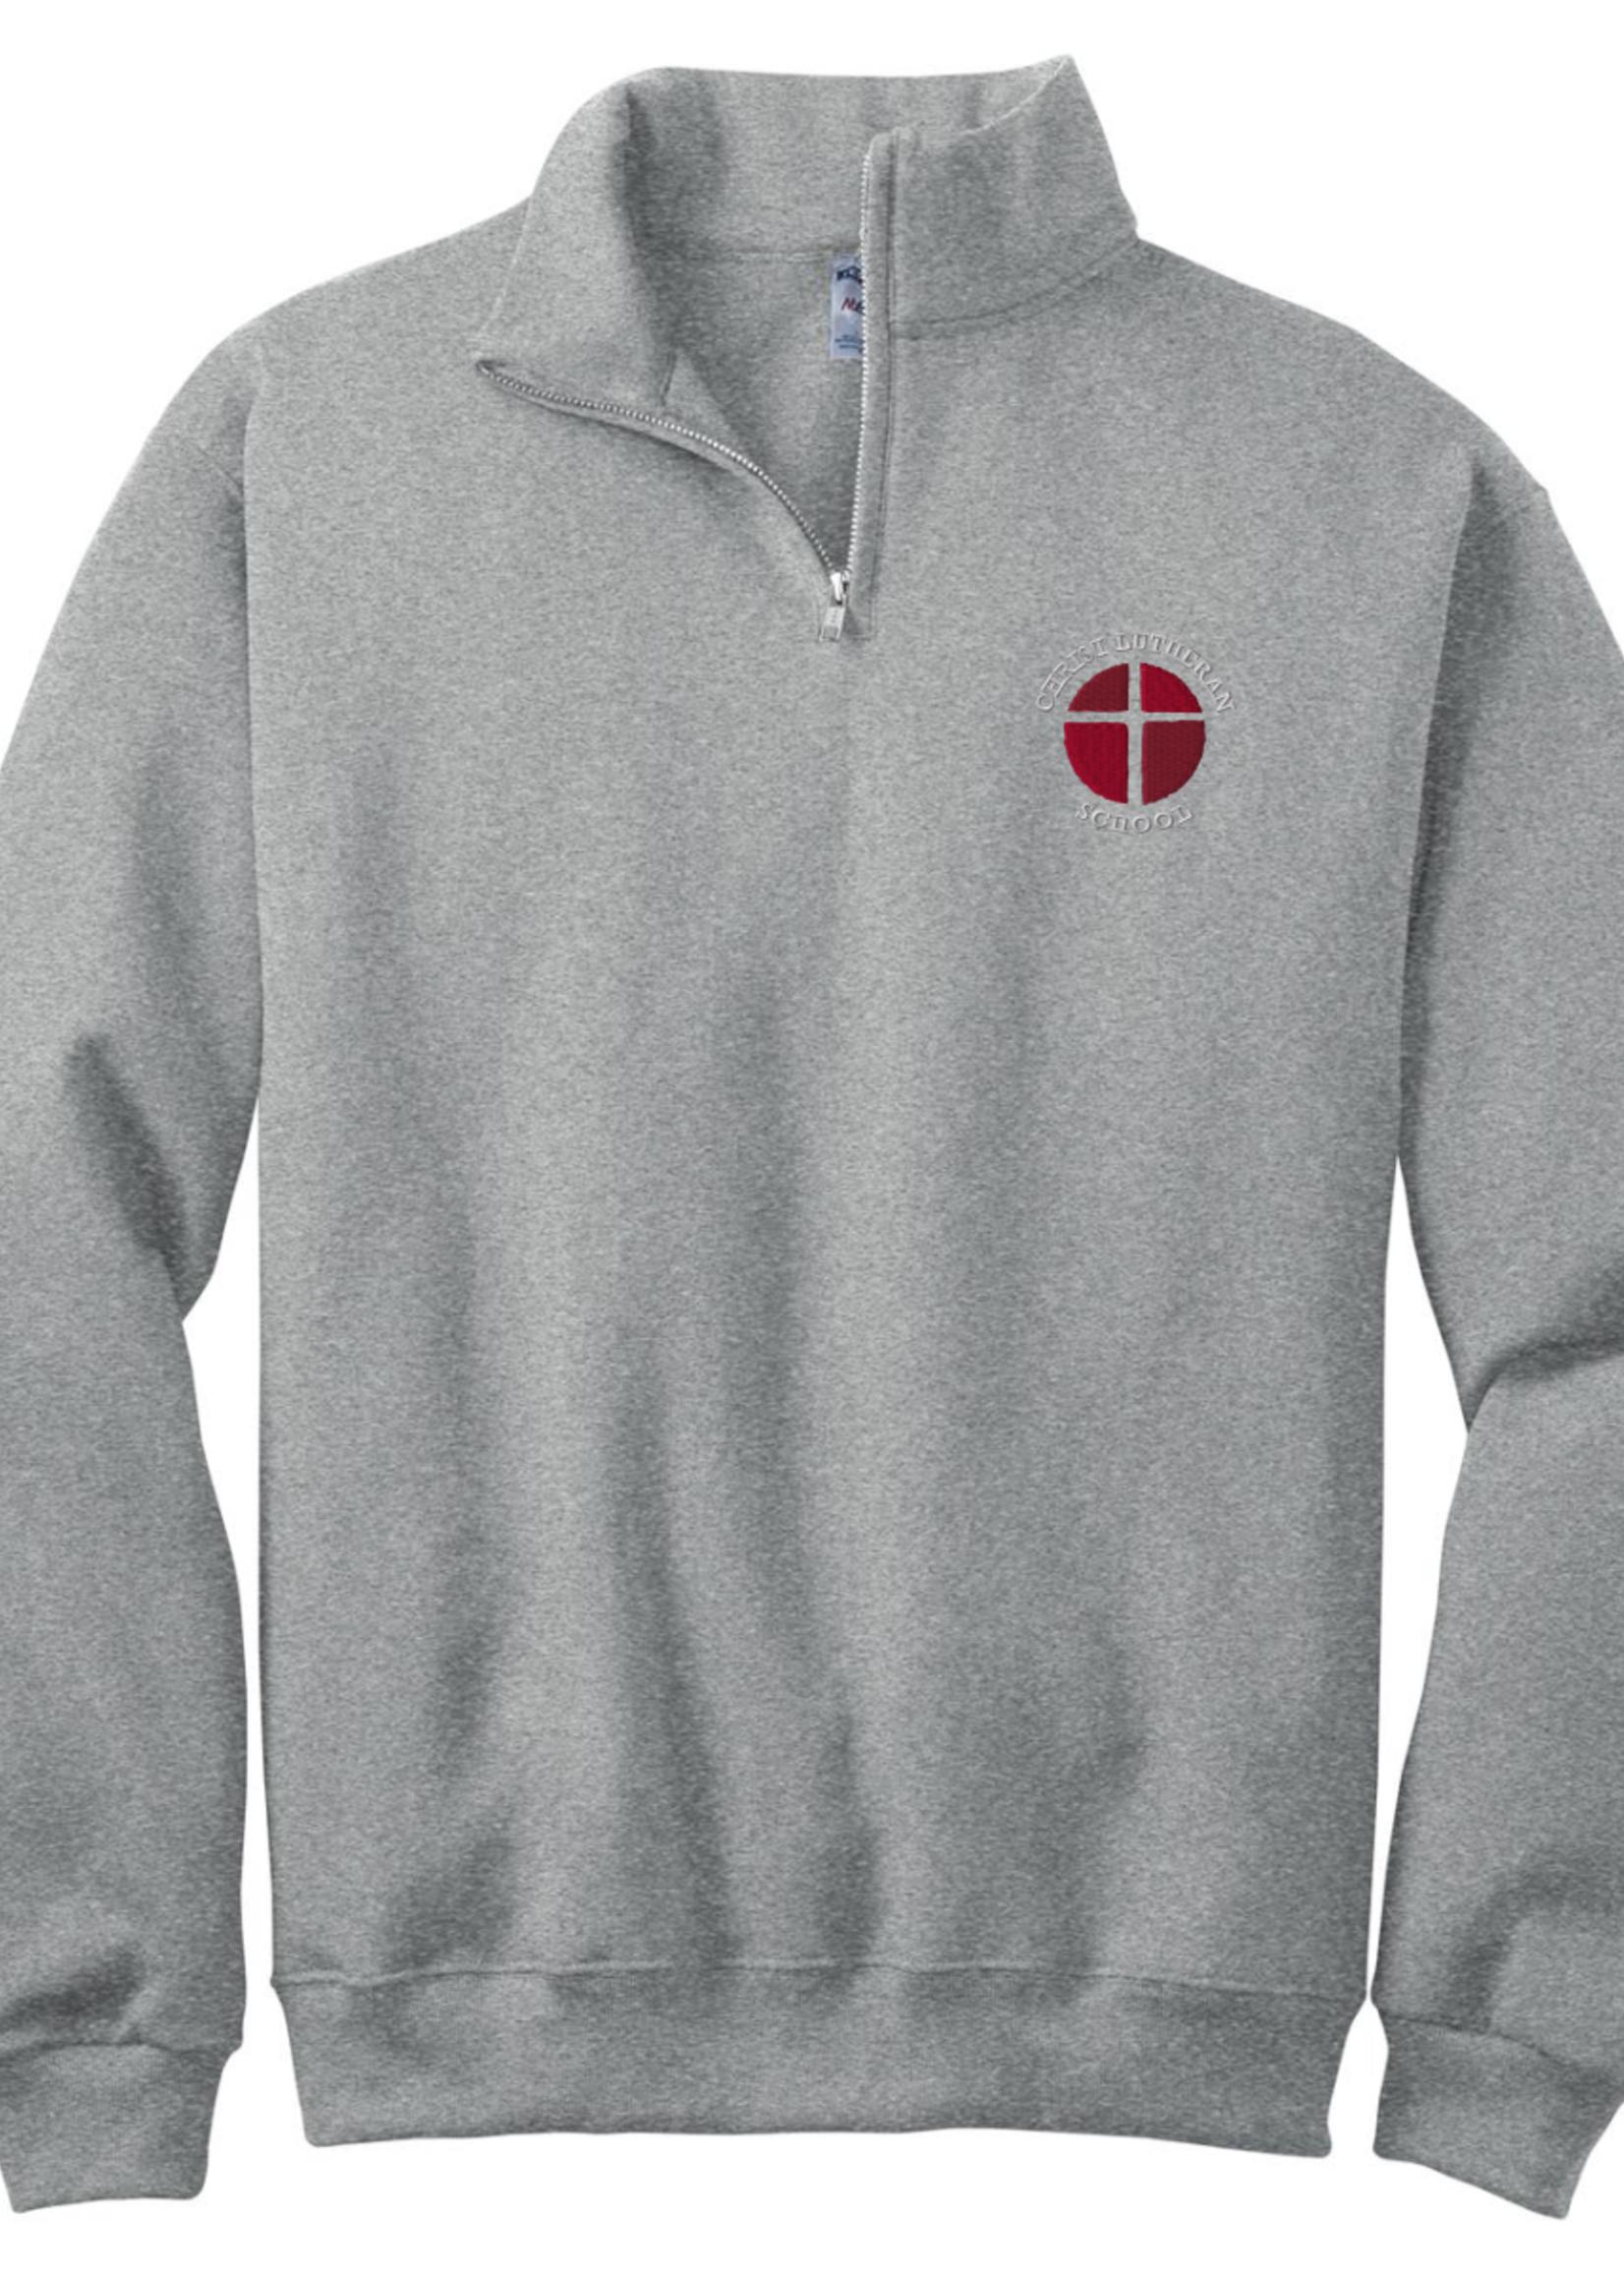 CLS 1/4 Zip Sweatshirt